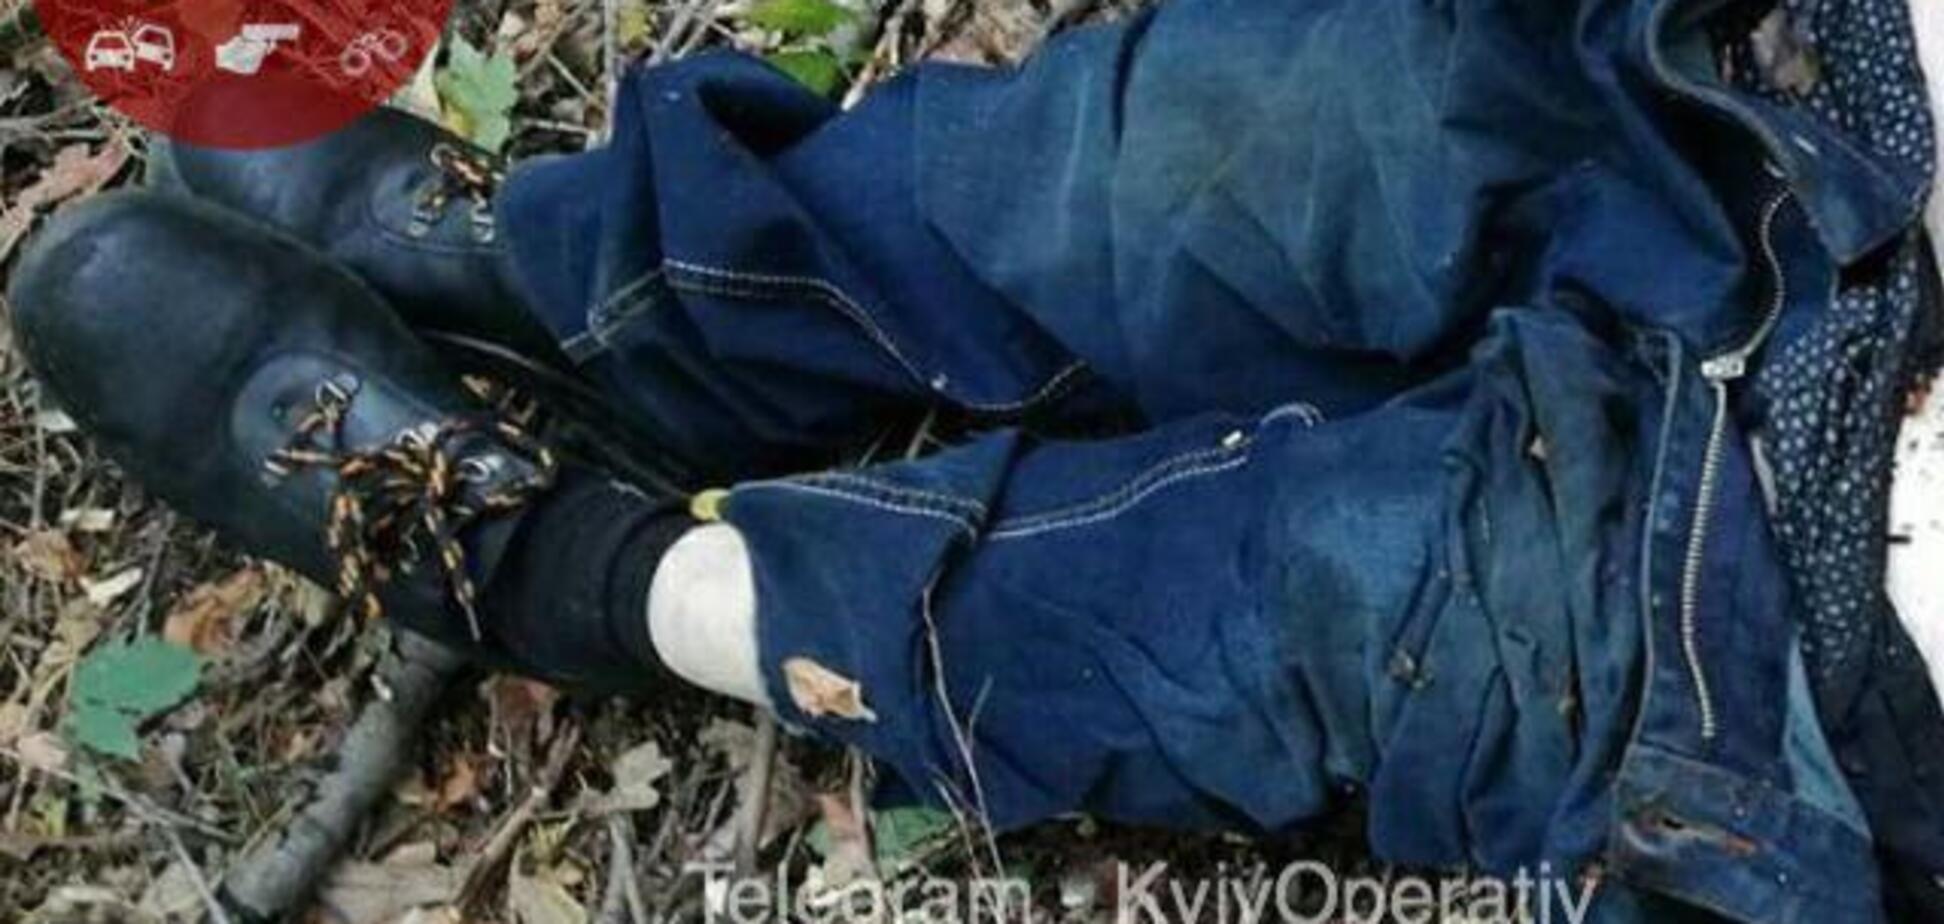 Гениталии не отрезали: в полиции сообщили детали убийства в Киеве